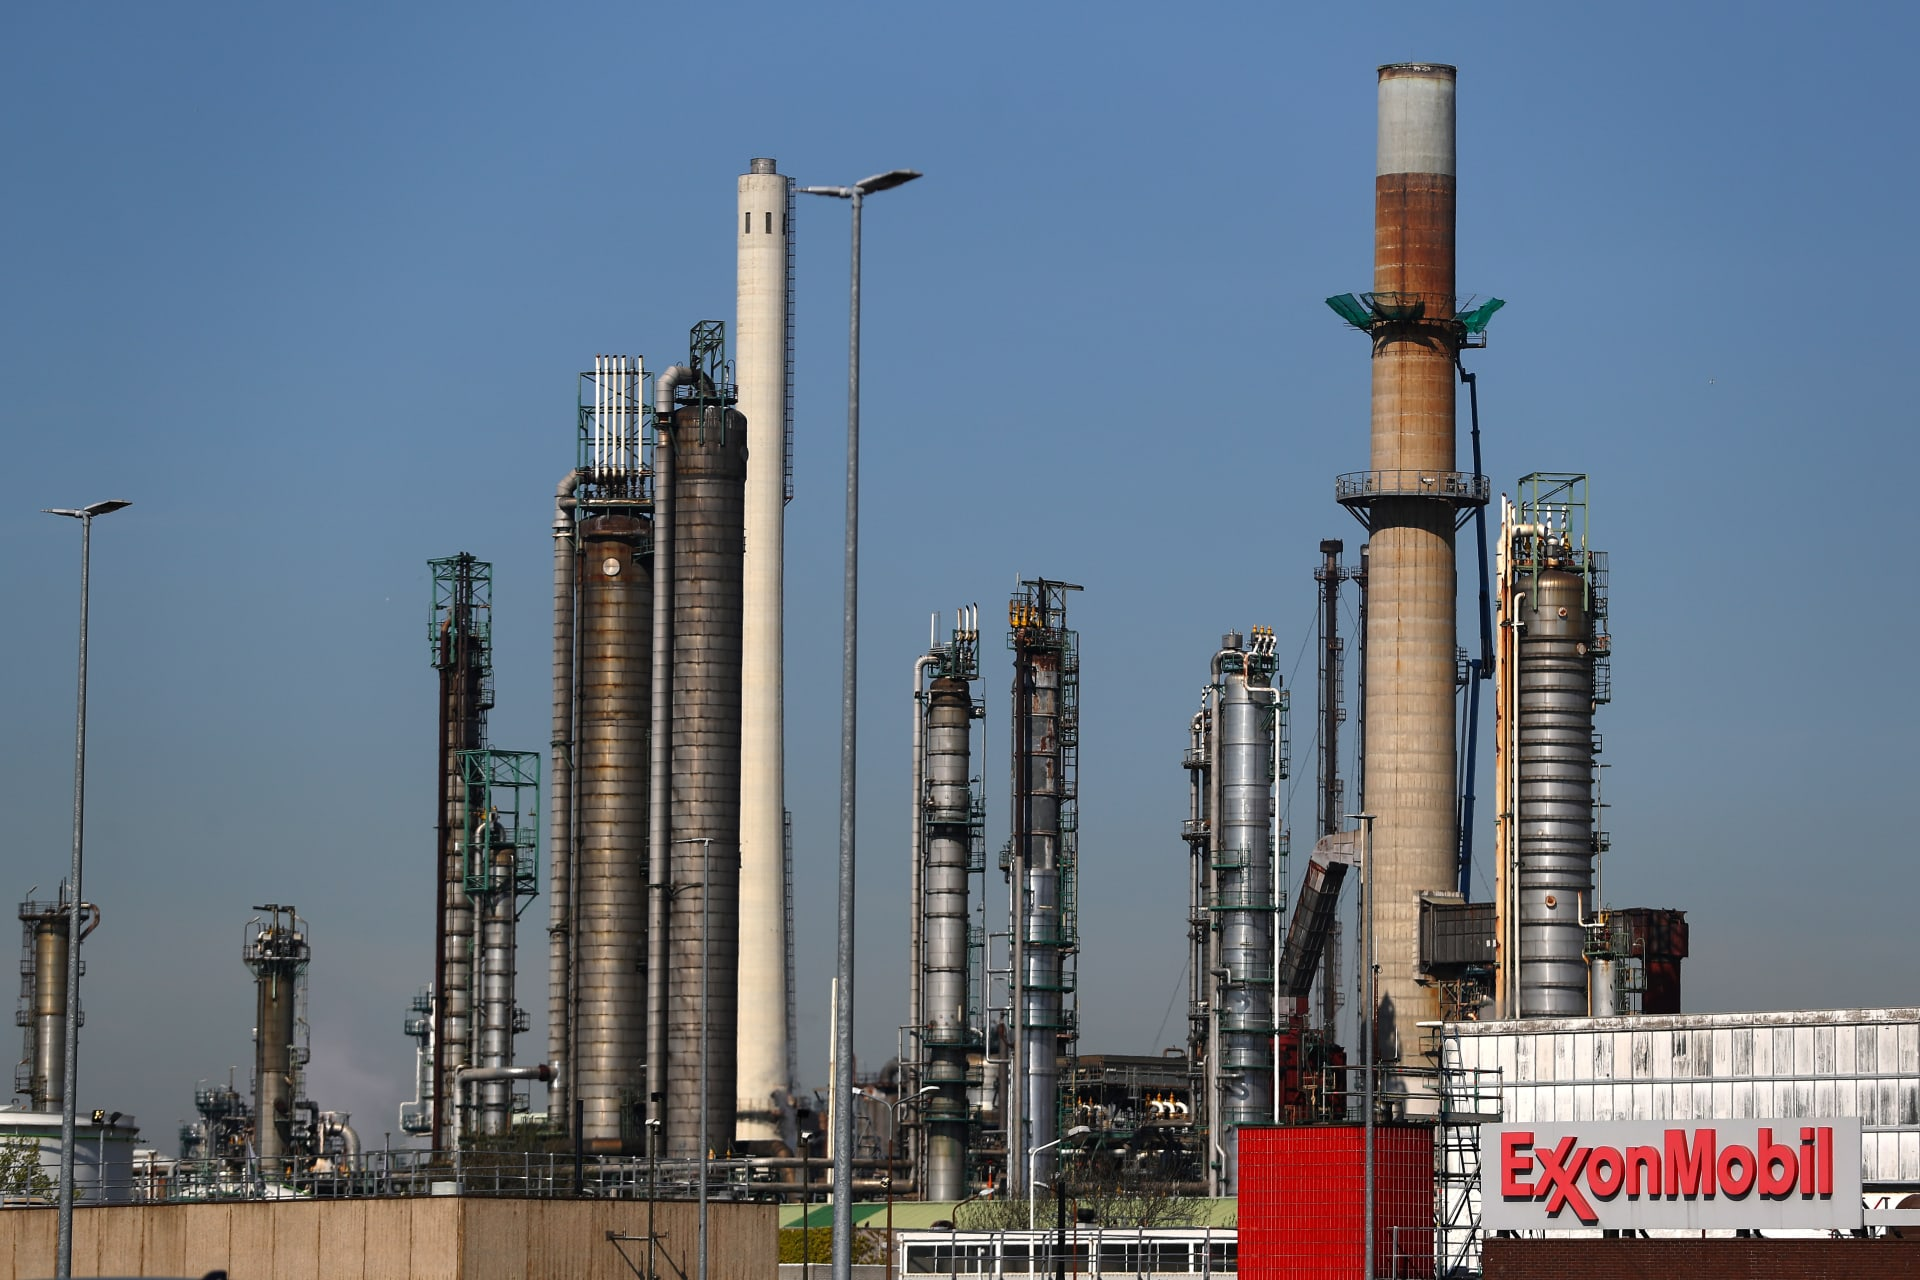 باستثمارات قدرها 1,4 مليار دولار.. مصر توقع 12 اتفاقية للتنقيب عن الطاقة